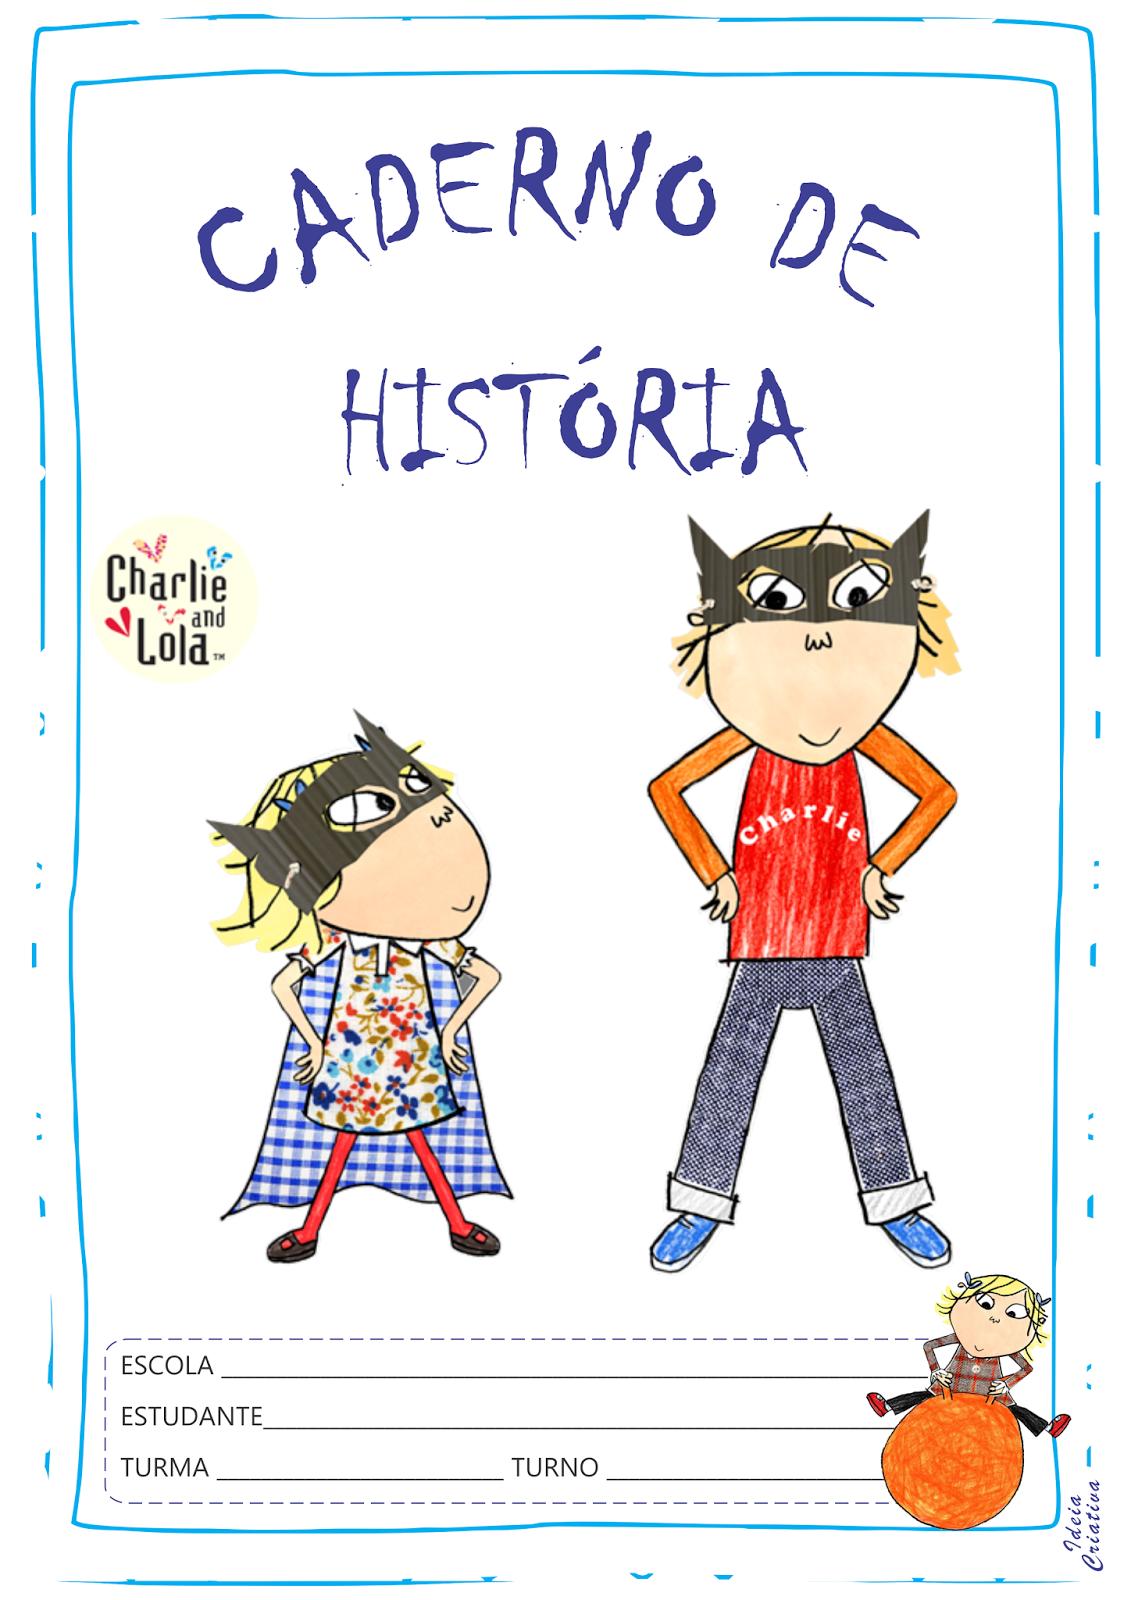 Capas Para Caderno Charlie E Lola Para Imprimir Gratis